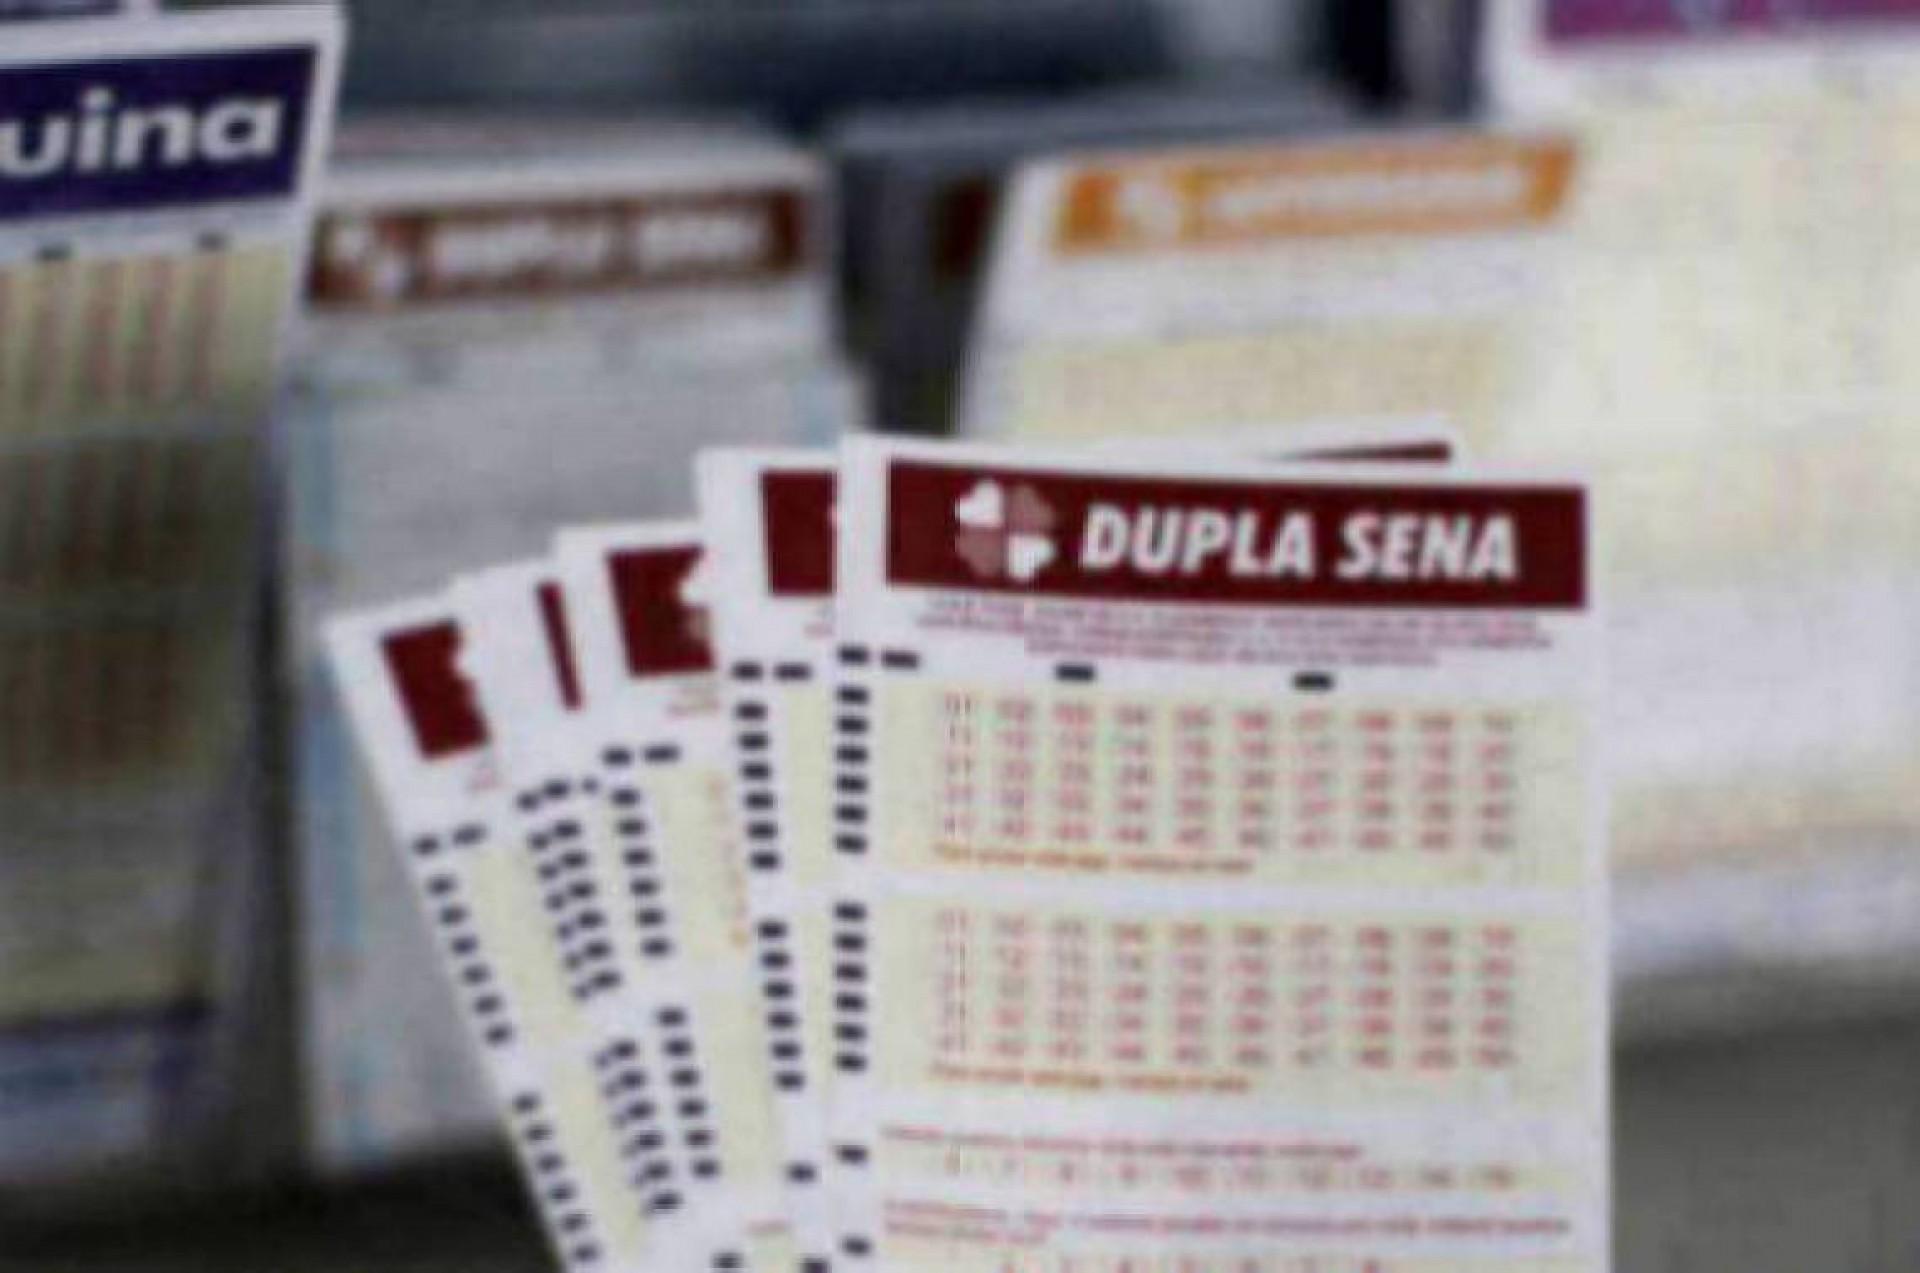 O resultado da Dupla Sena Concurso 2238 foi divulgado na noite de hoje, terça, 22 de junho (22/06). O prêmio está estimado em R$ 5,7 milhões (Foto: Deísa Garcêz em 27.12.2019)